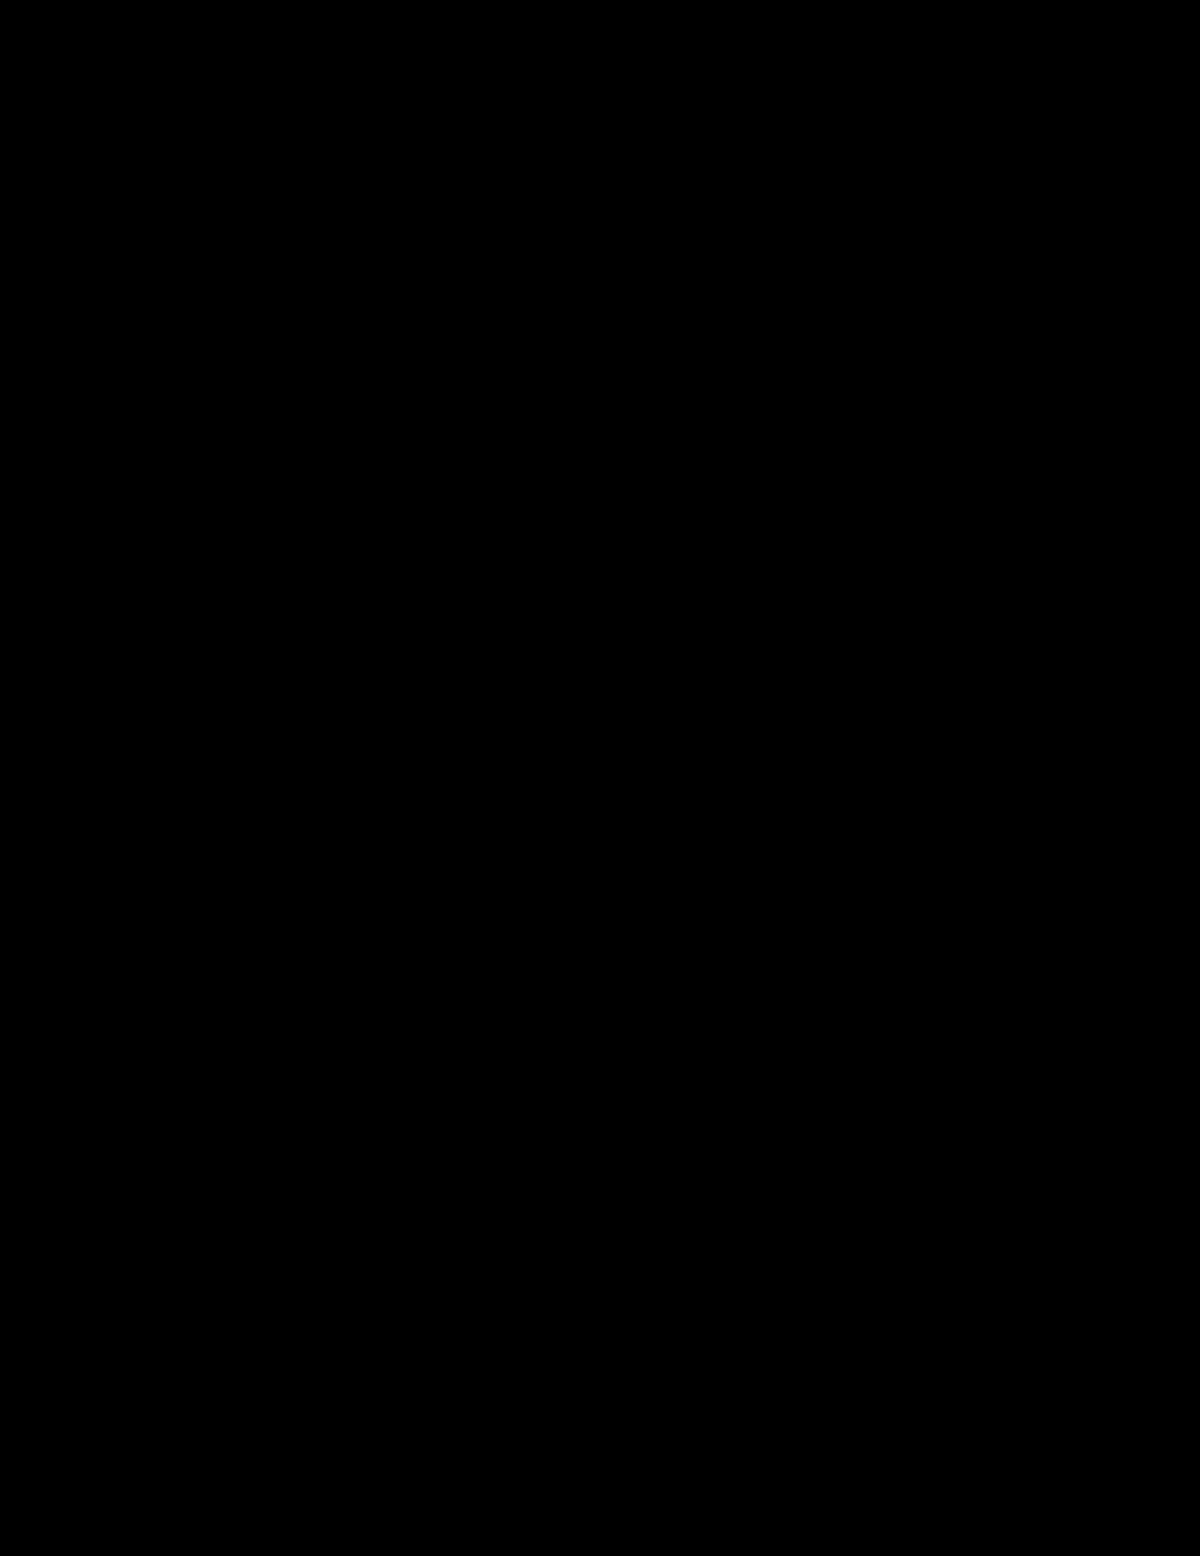 картинки рамок черно белые время